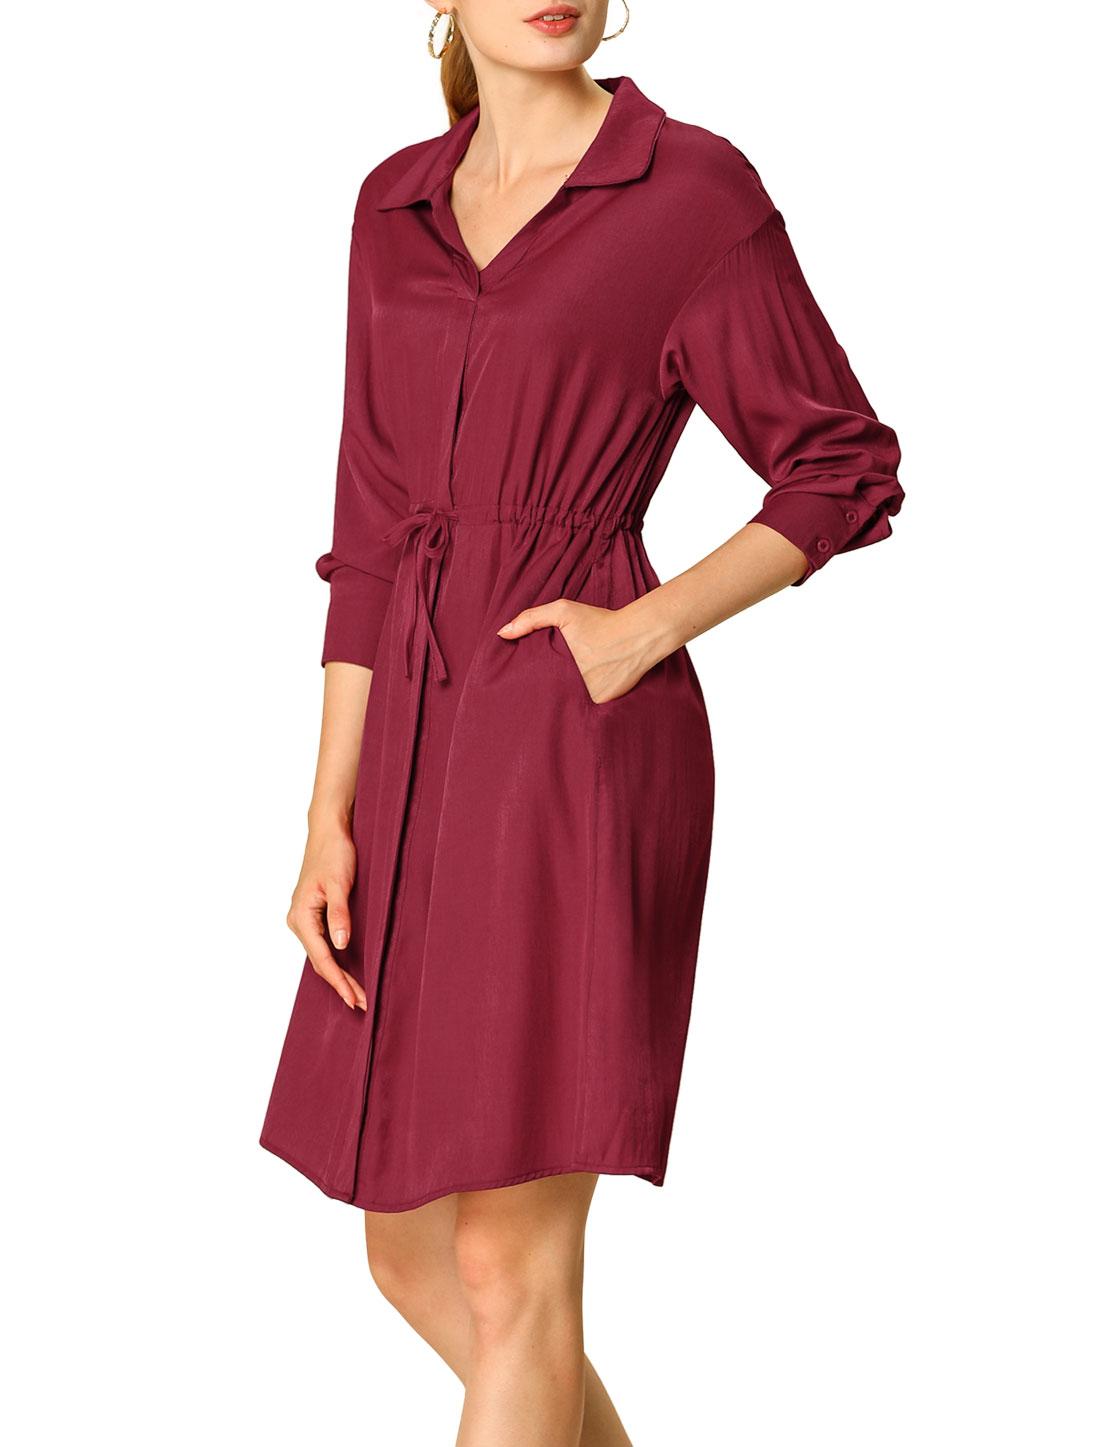 Allegra K Women's Long Sleeve Tie Waist A-Line Shirt Dress with Pock Wine Red M